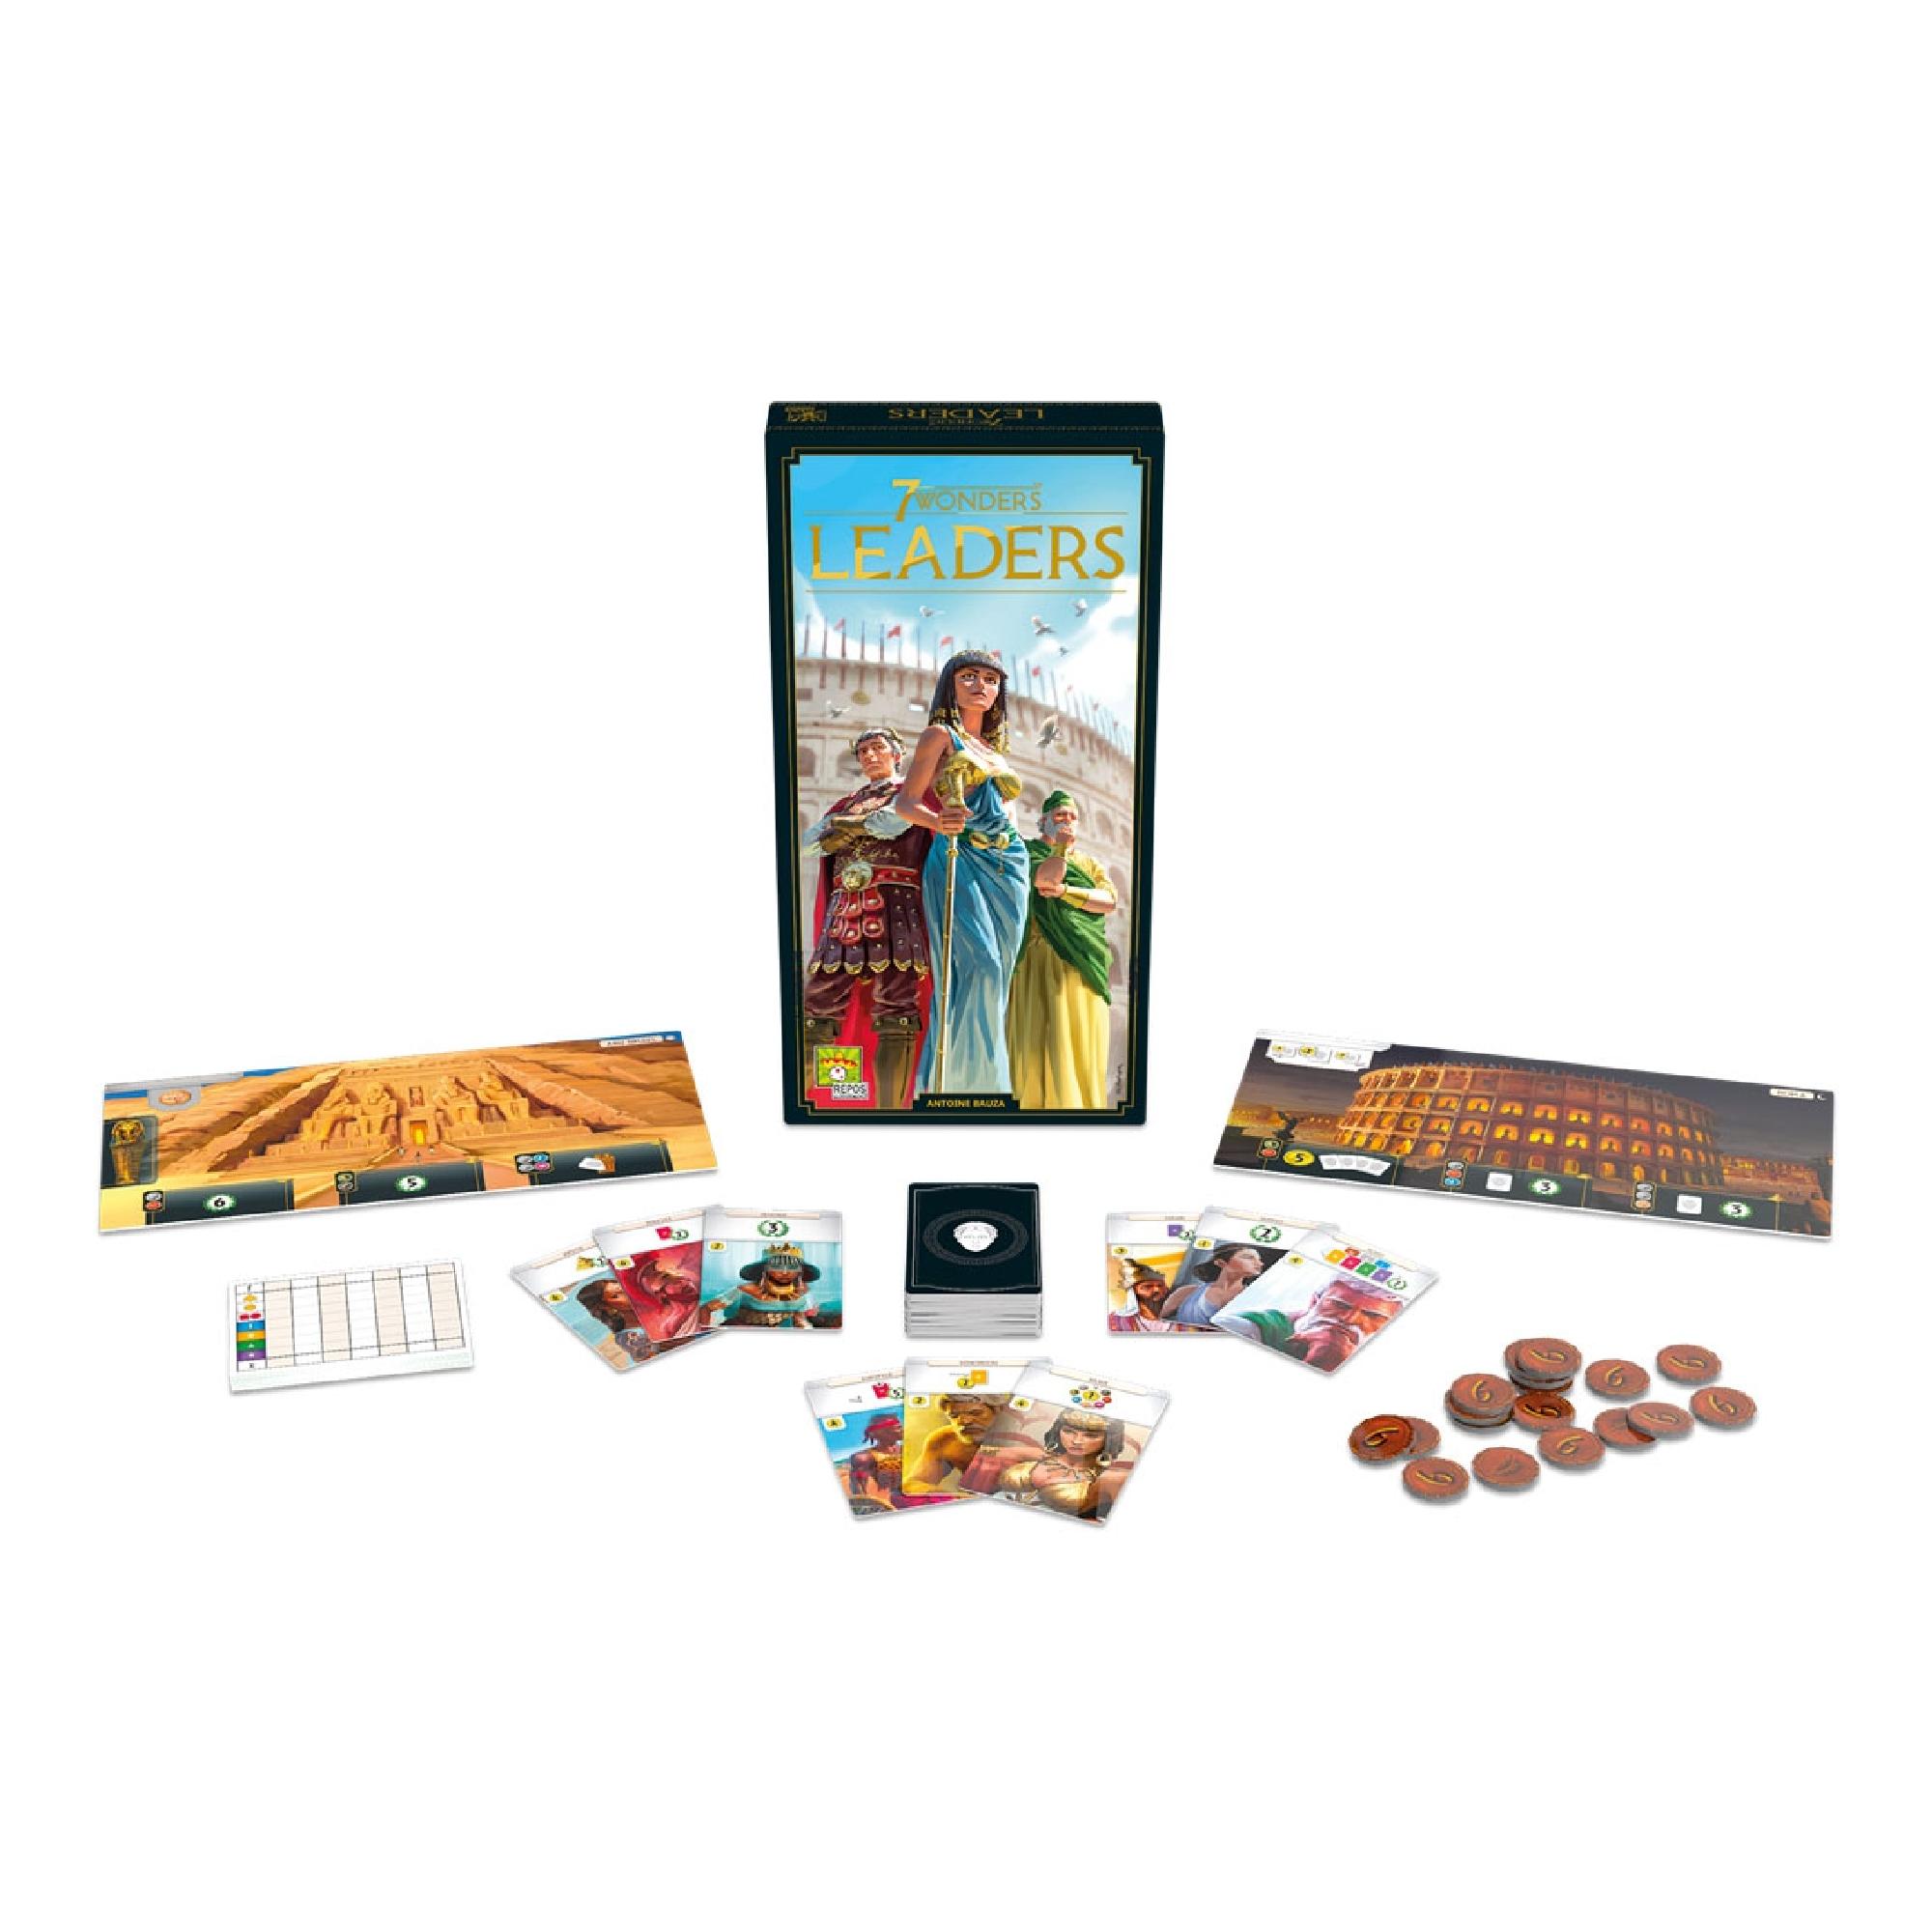 Asmodee 7 Wonders, New Edition, Leaders VA